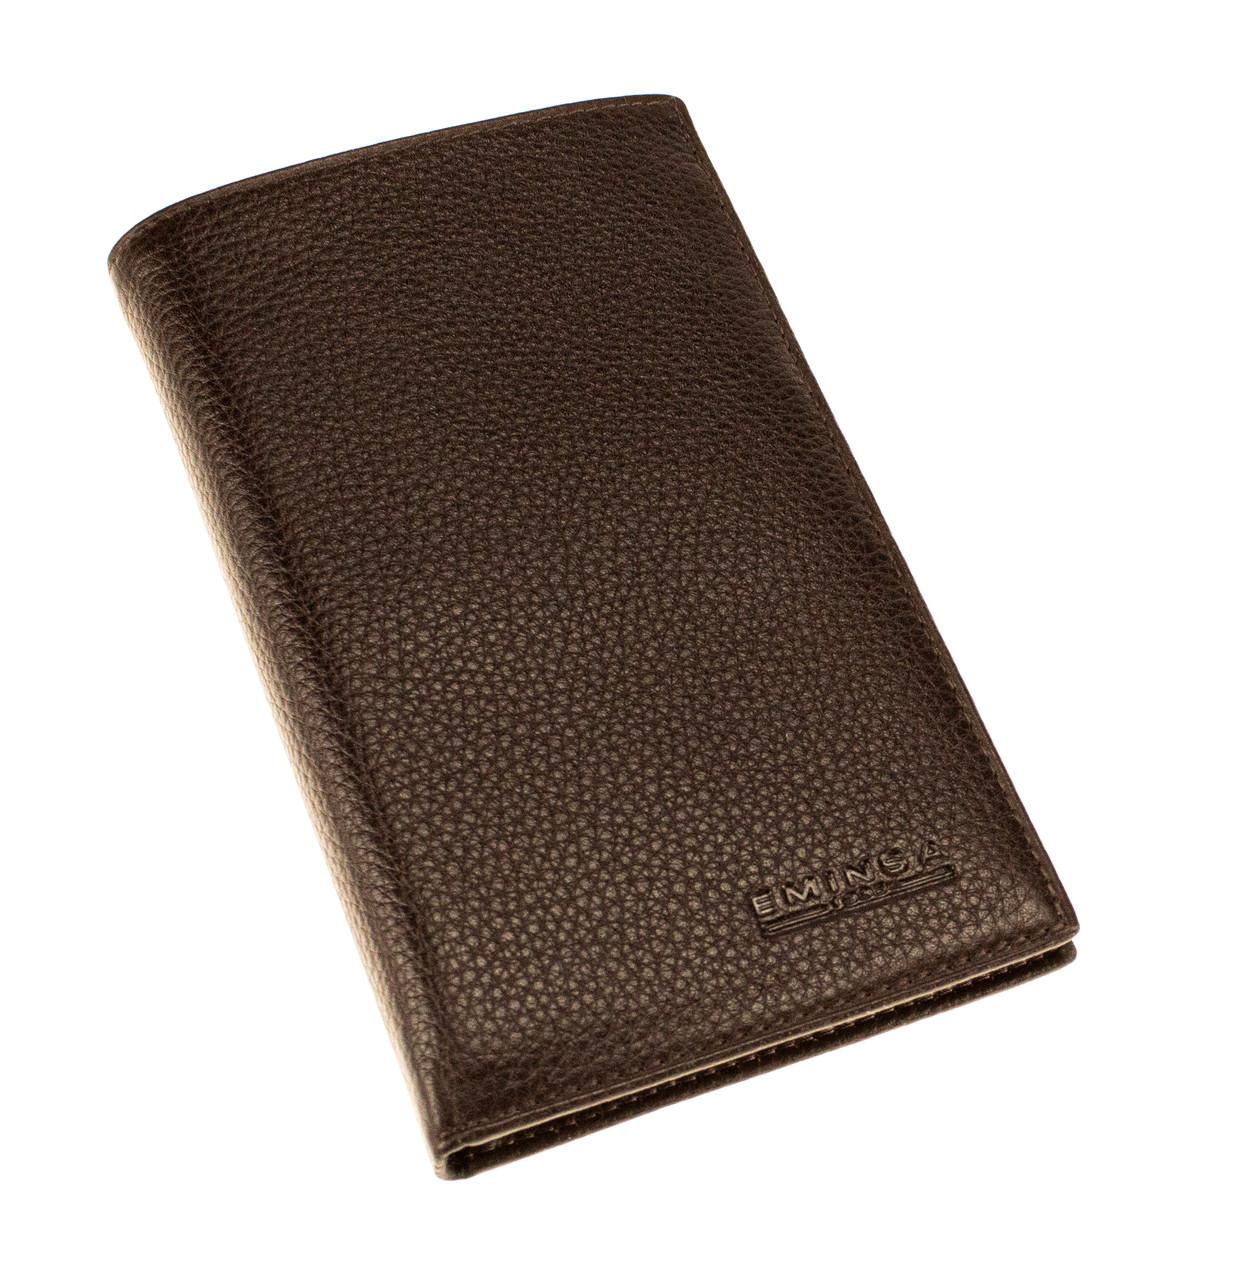 Мужской бумажник кожаный коричневый Eminsa 1083-12-3